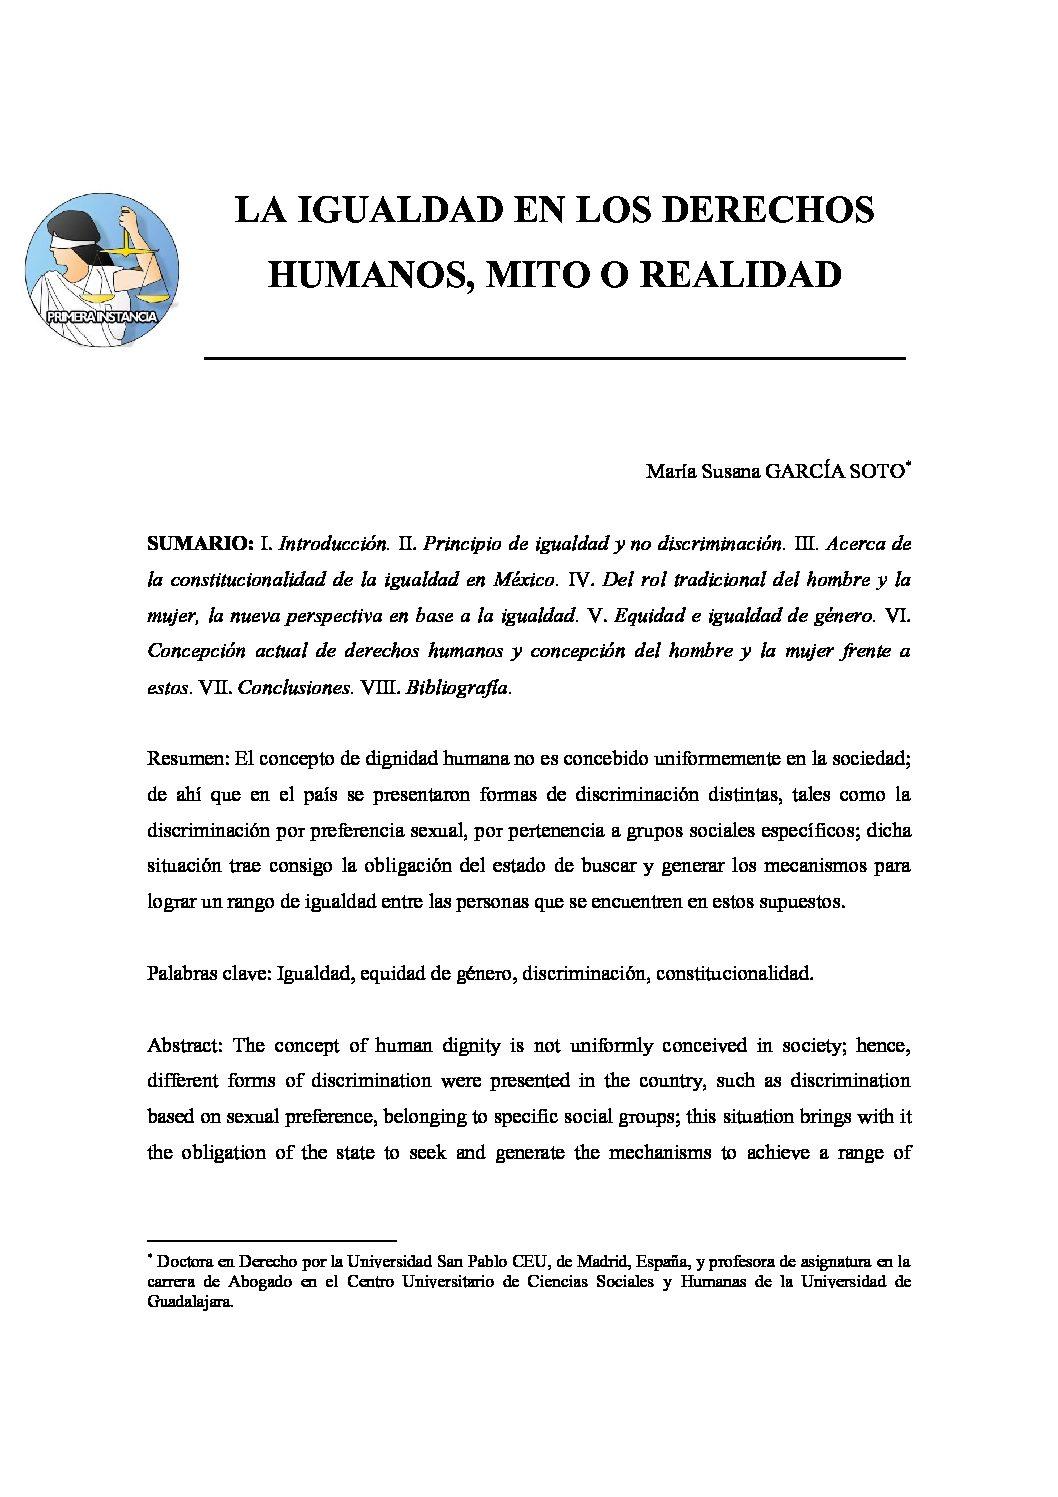 LA IGUALDAD EN LOS DERECHOS HUMANOS, MITO O REALIDAD, María Susana García Soto